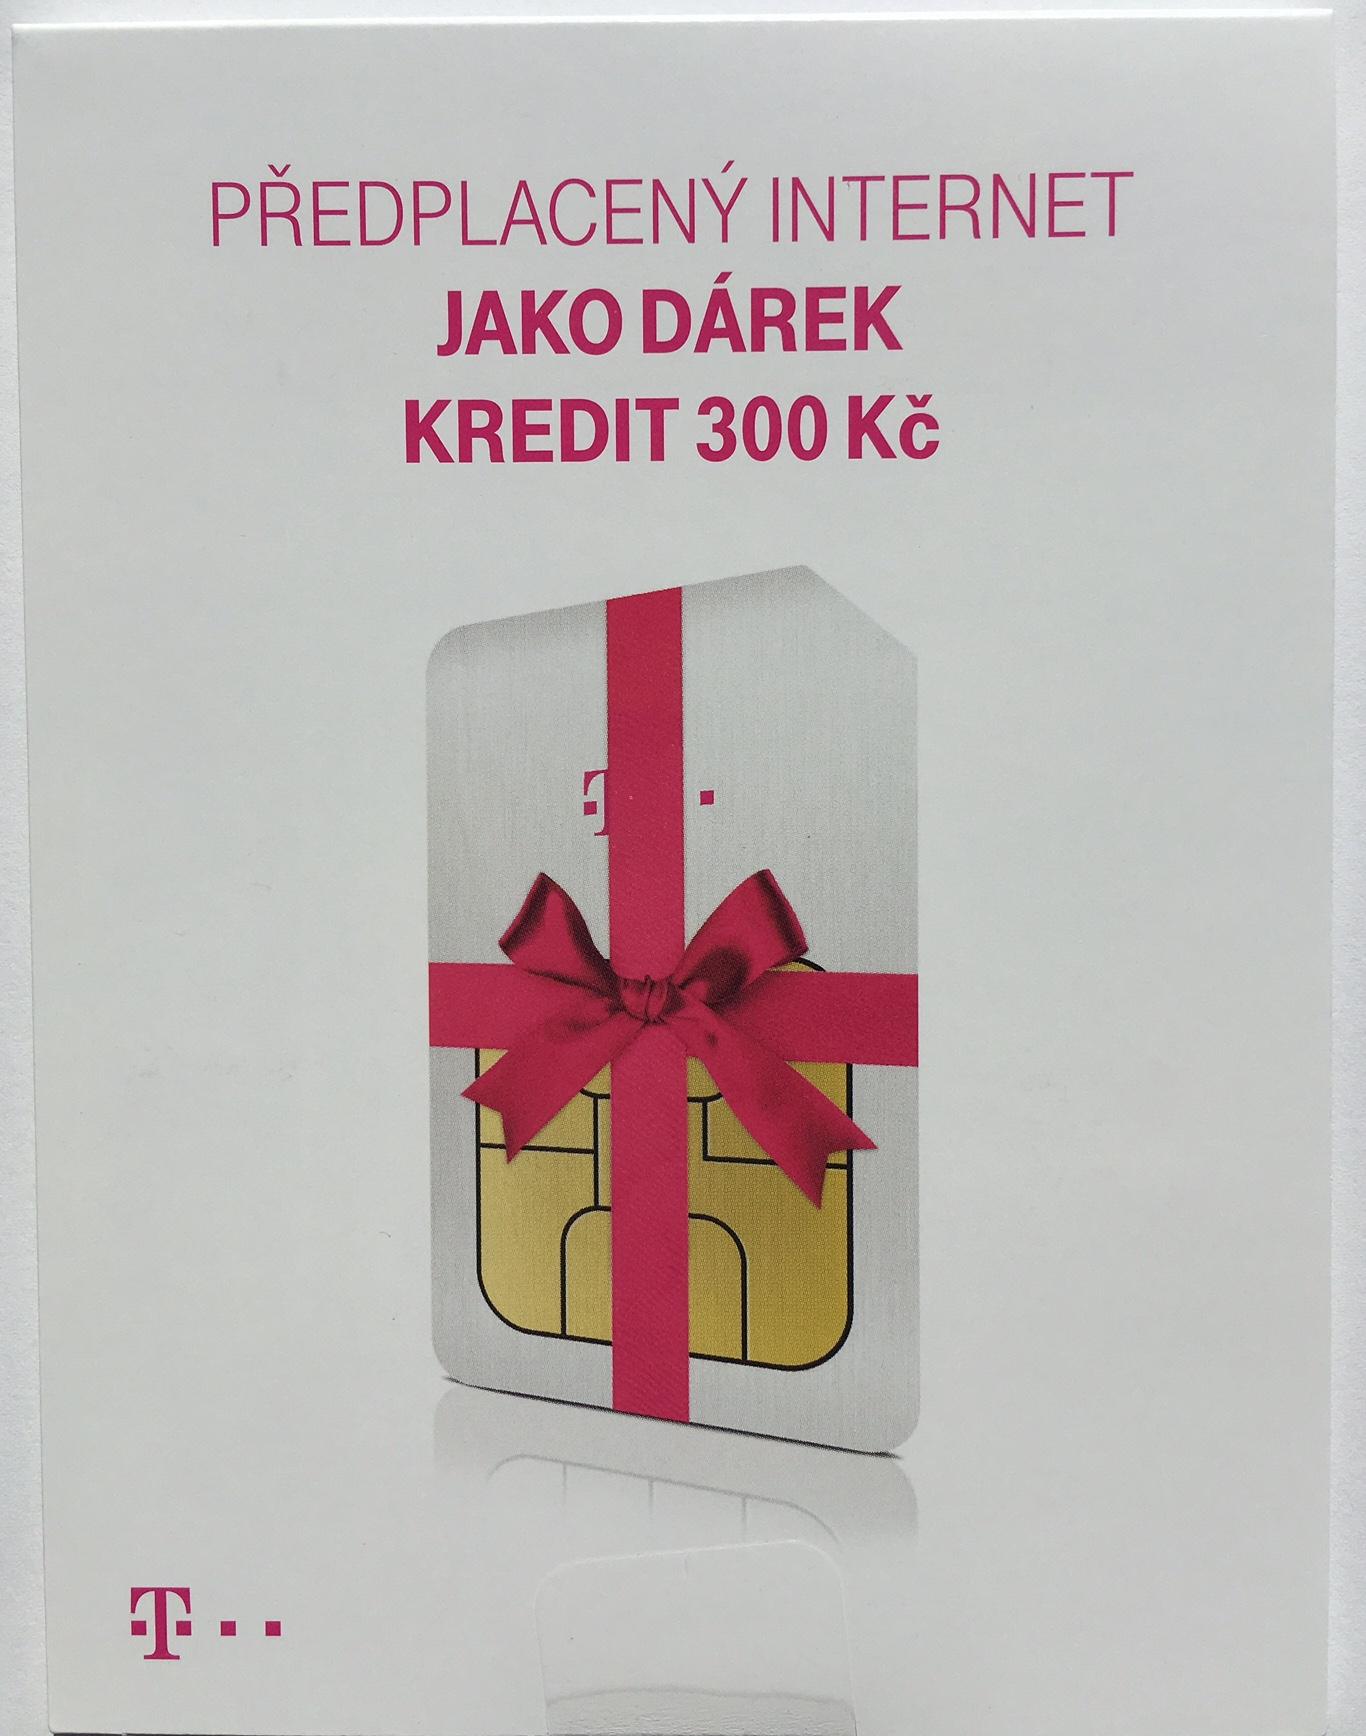 TWIST Online Internet s kreditem - garance nejnižší ceny v ČR množství: 1 ks ( 149 Kč/ks )